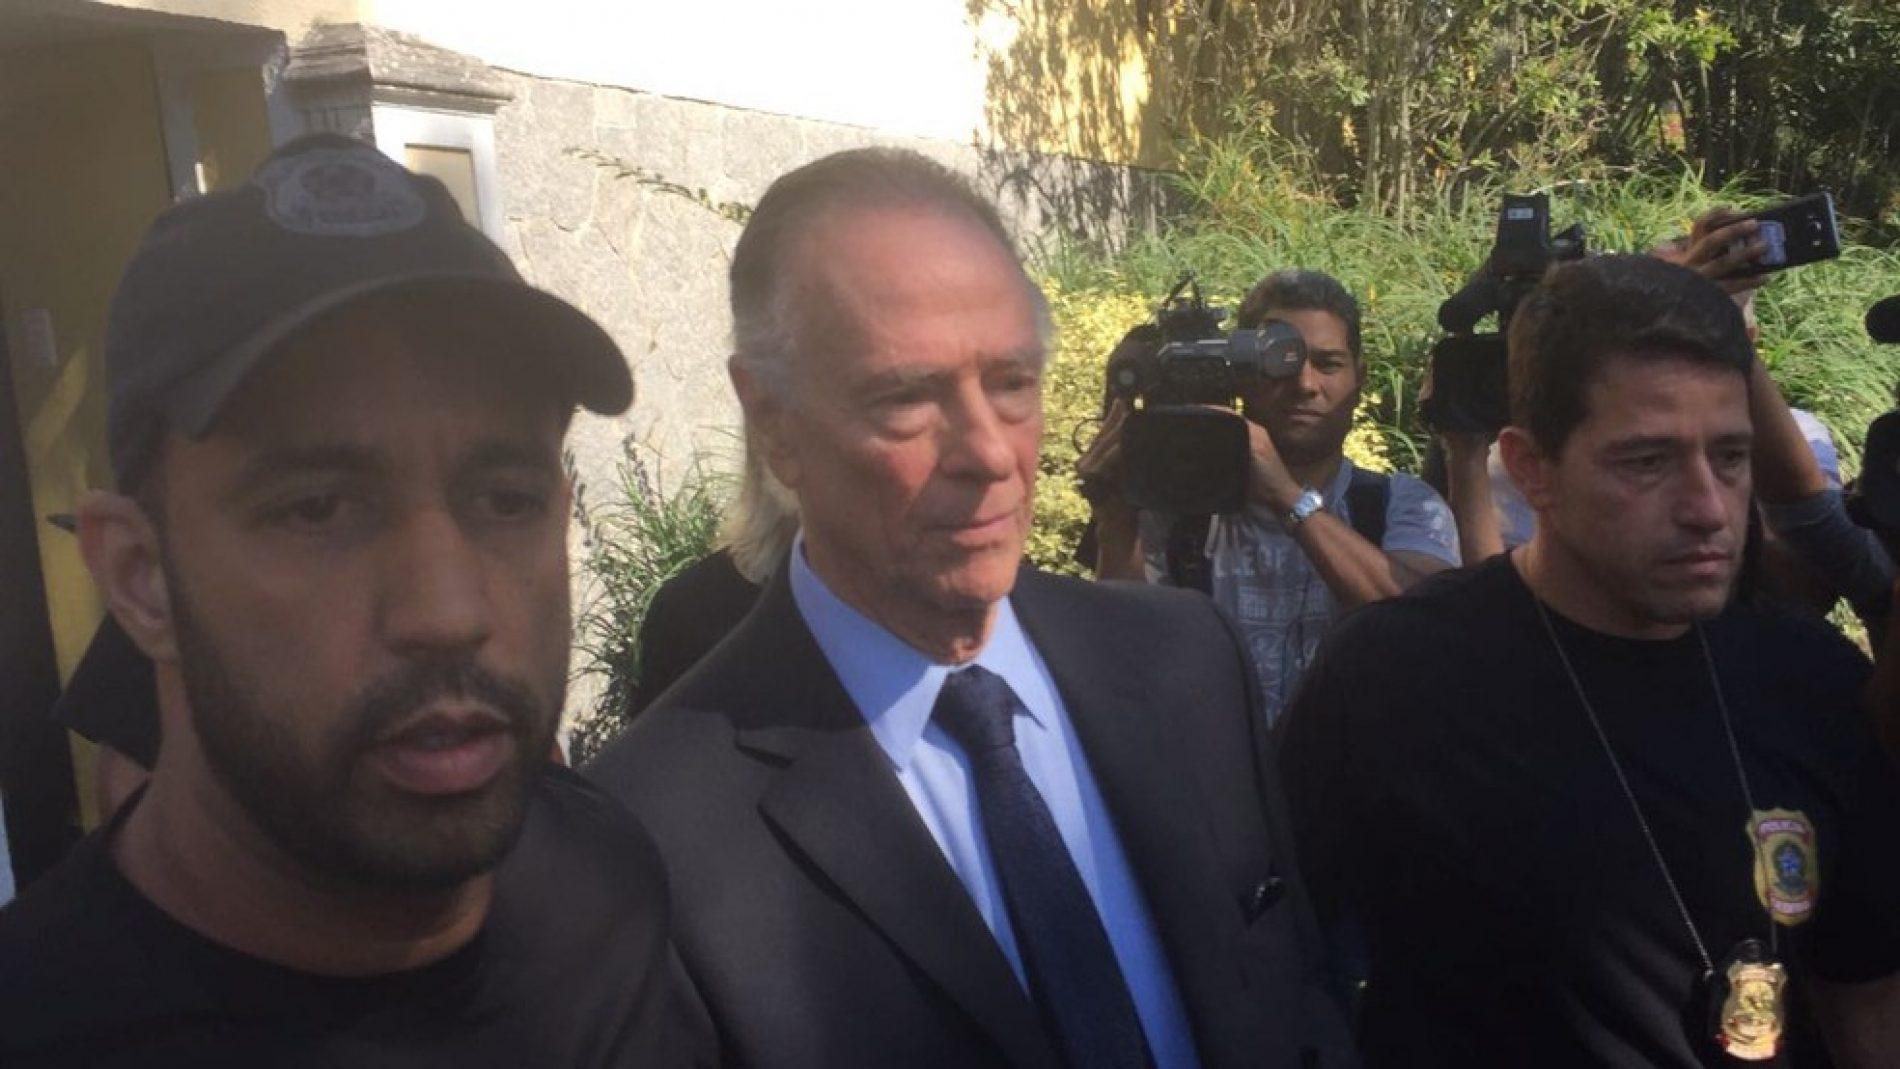 BRASIL: Nuzman e ex-diretor de Comitê Olímpíco são presos em operação que investiga fraudes na escolha da Rio 2016